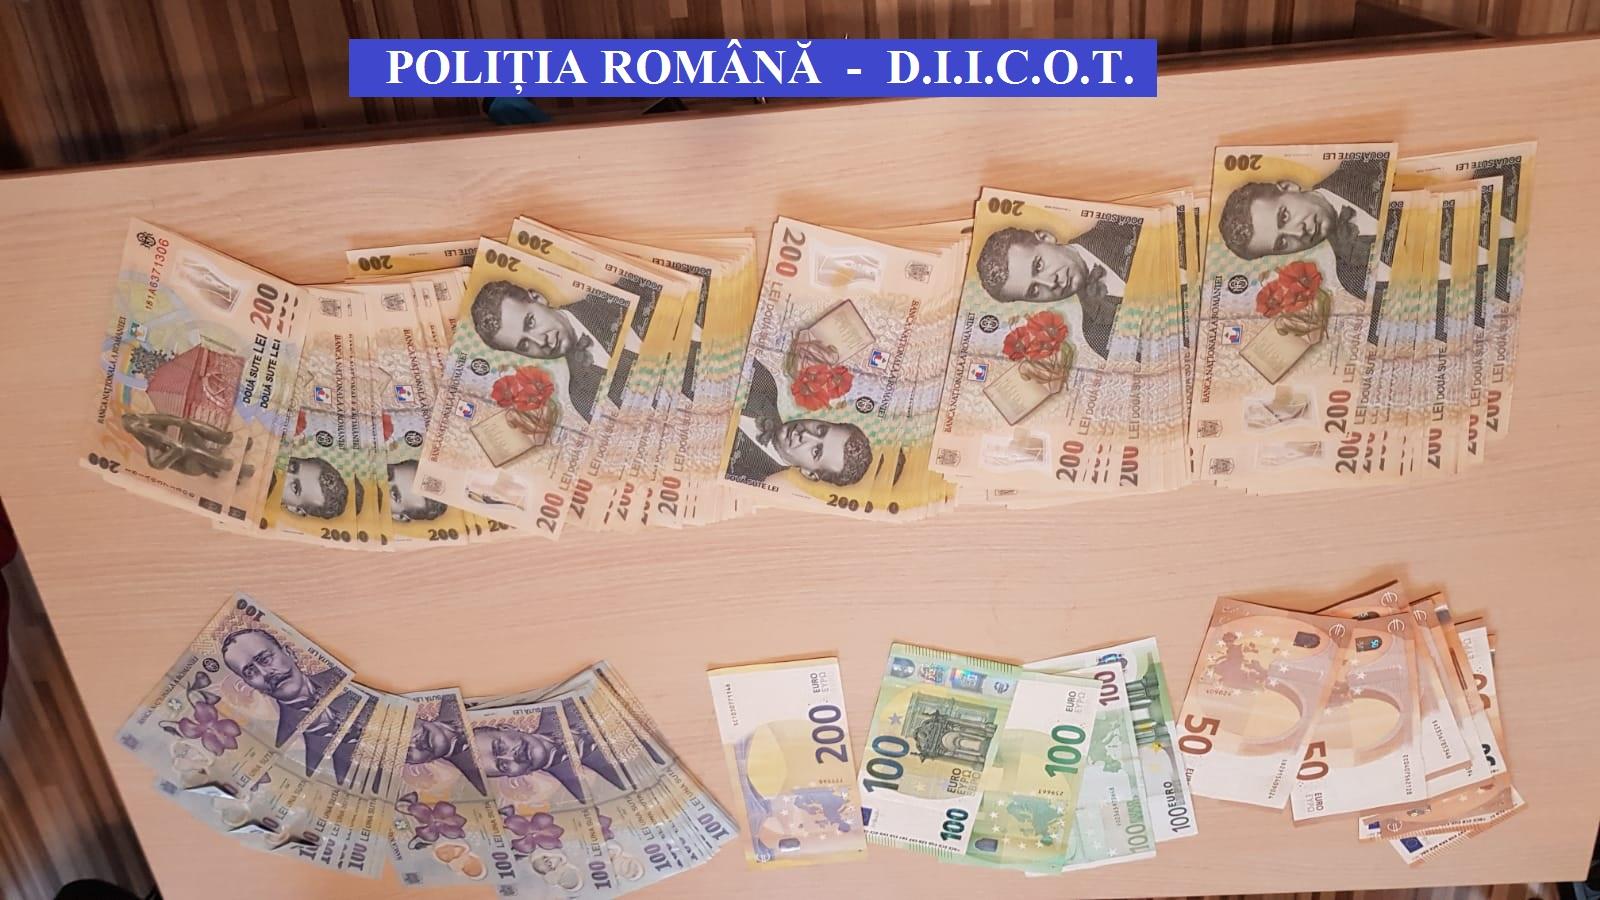 IPJ Sibiu: Contra unei sume de bani cuprinse între 400 – 700 de lei promiteau garanția unui loc de muncă